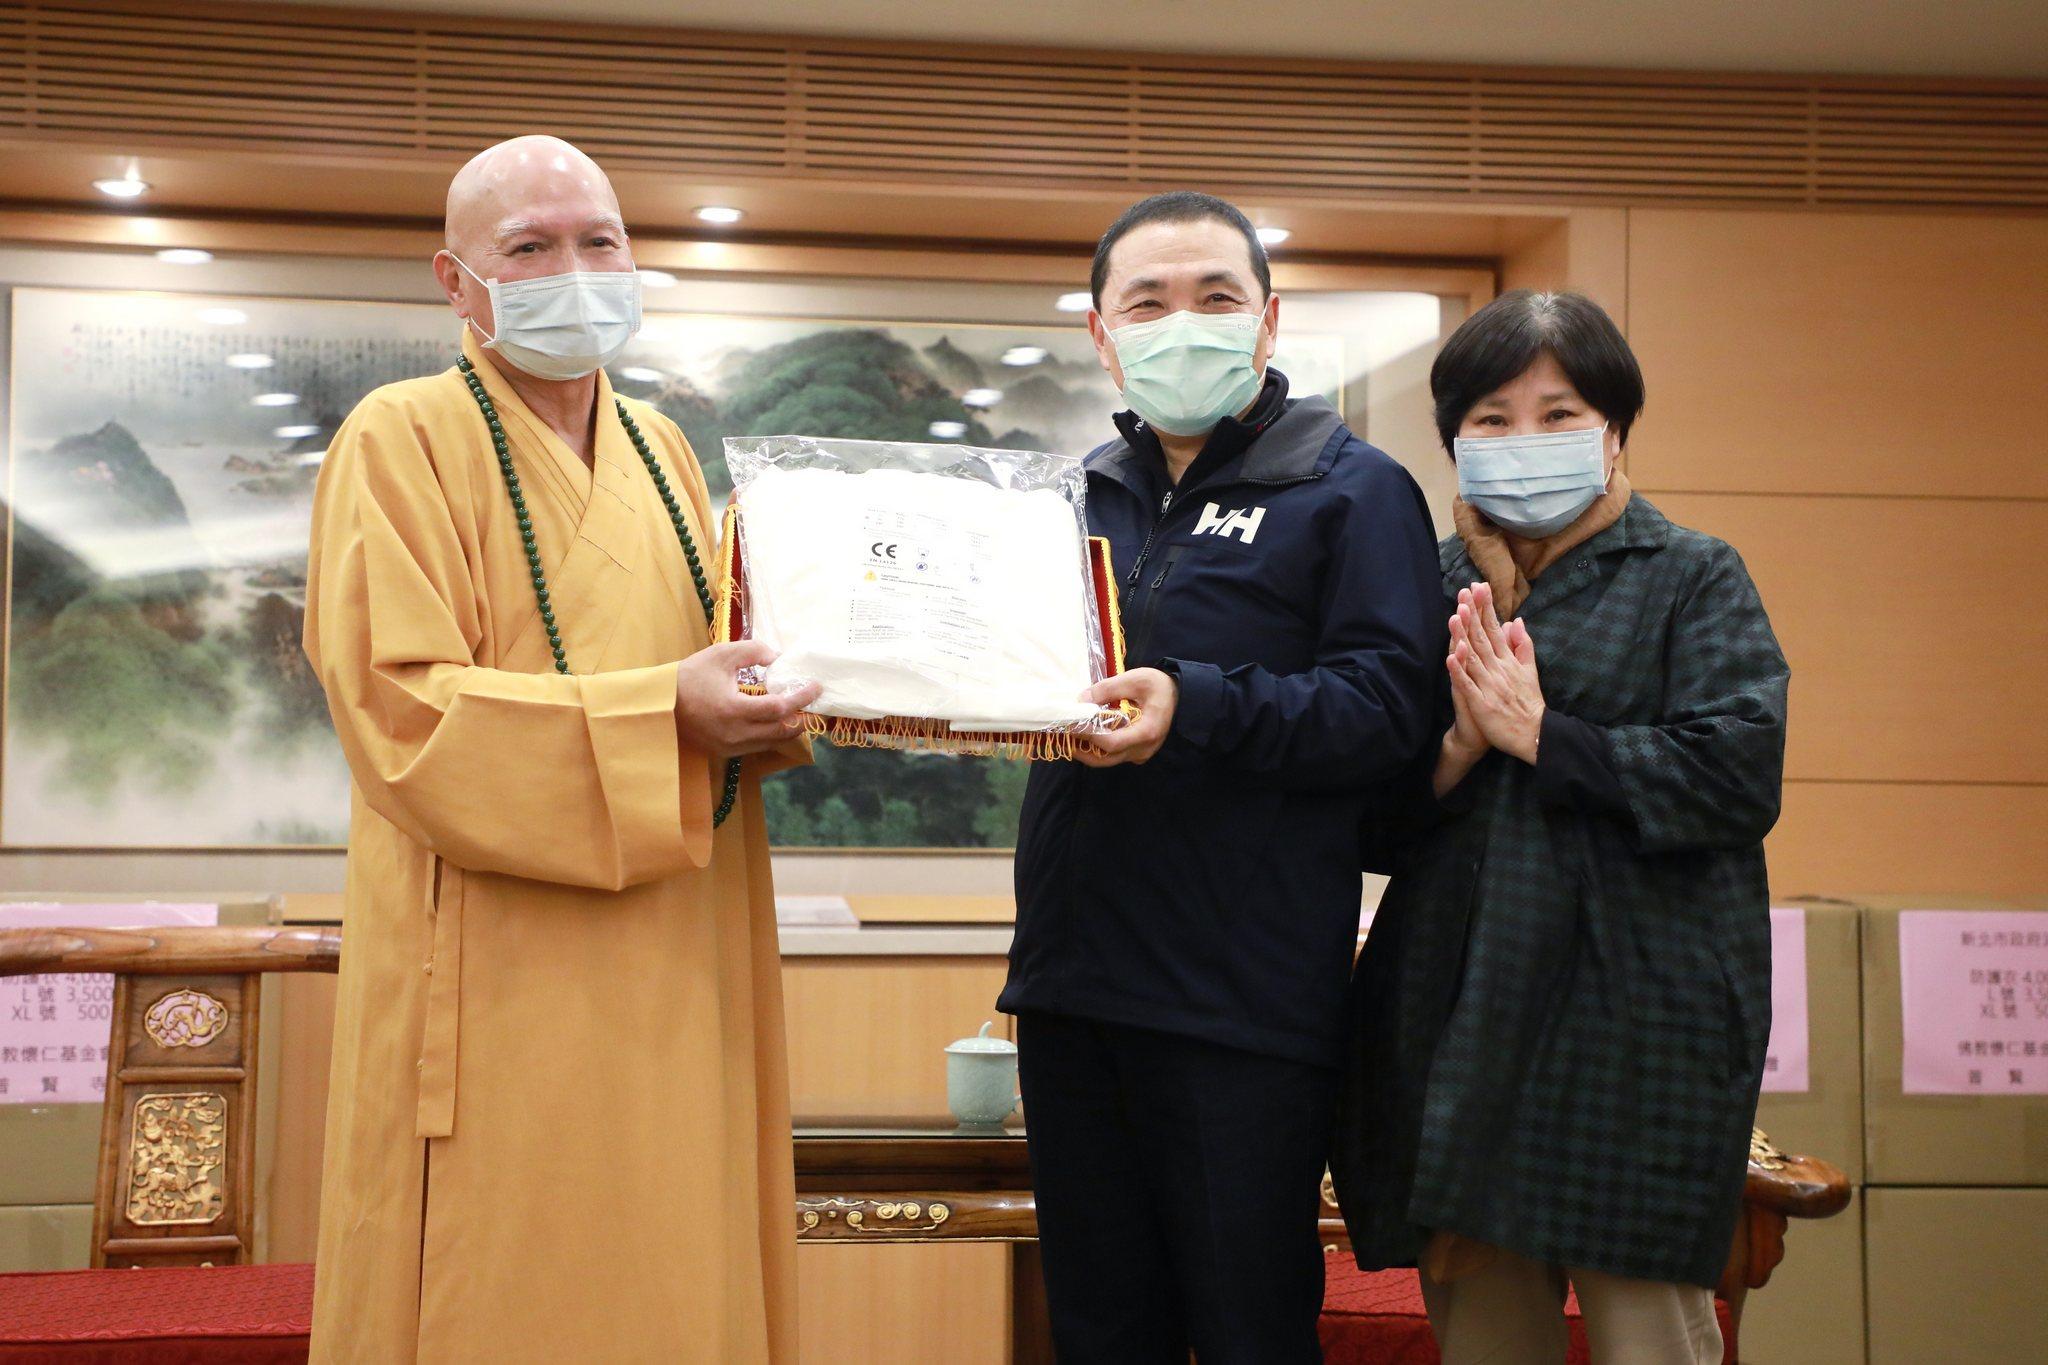 三峽普賢寺捐贈8千件全身式防護衣由侯友宜市長代表受贈